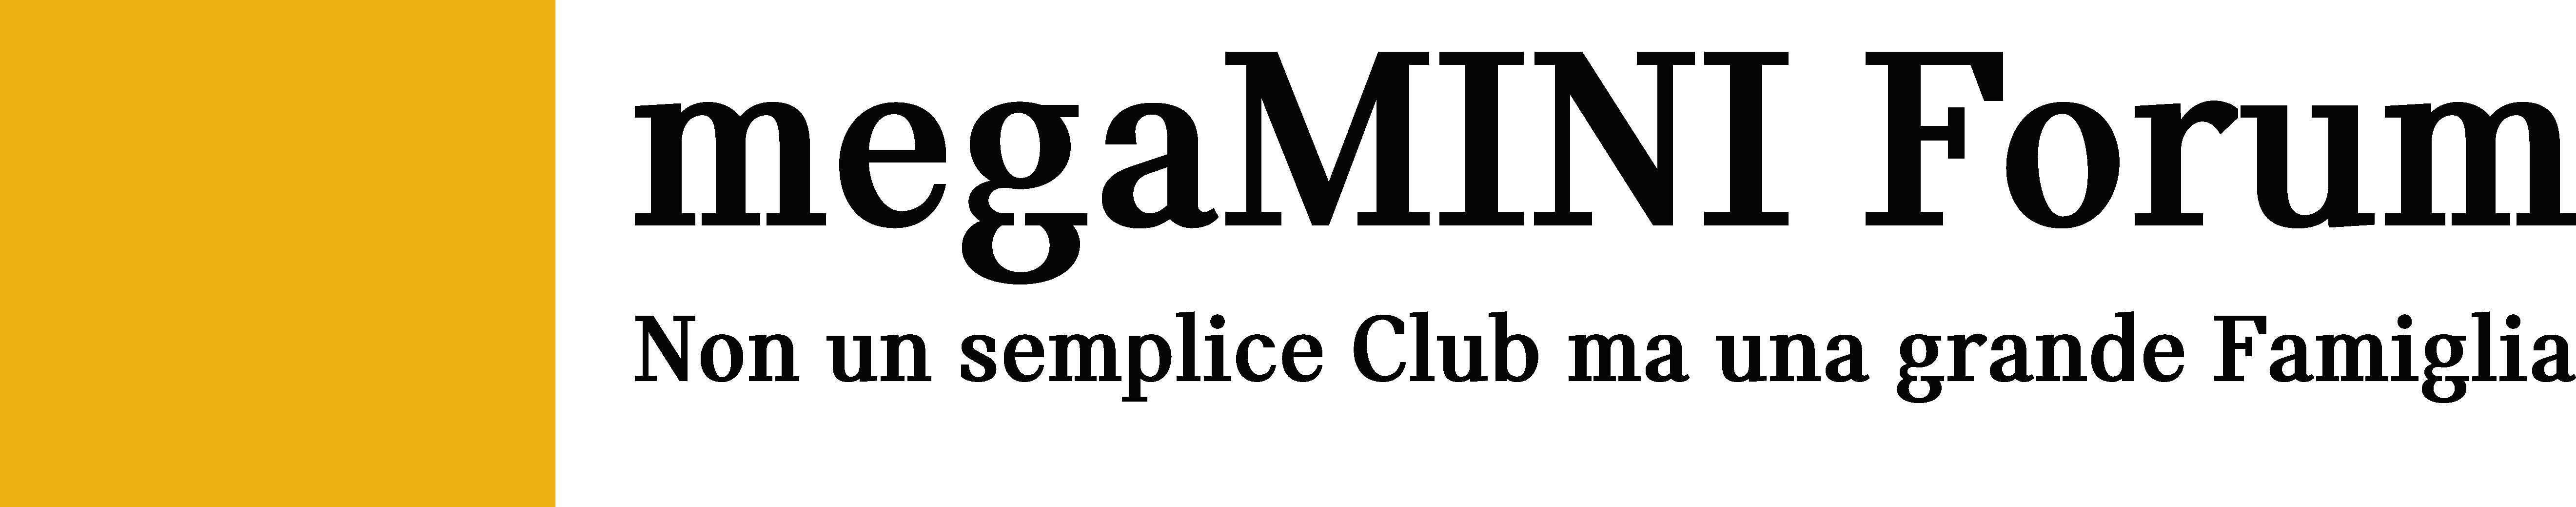 mega MINI forum